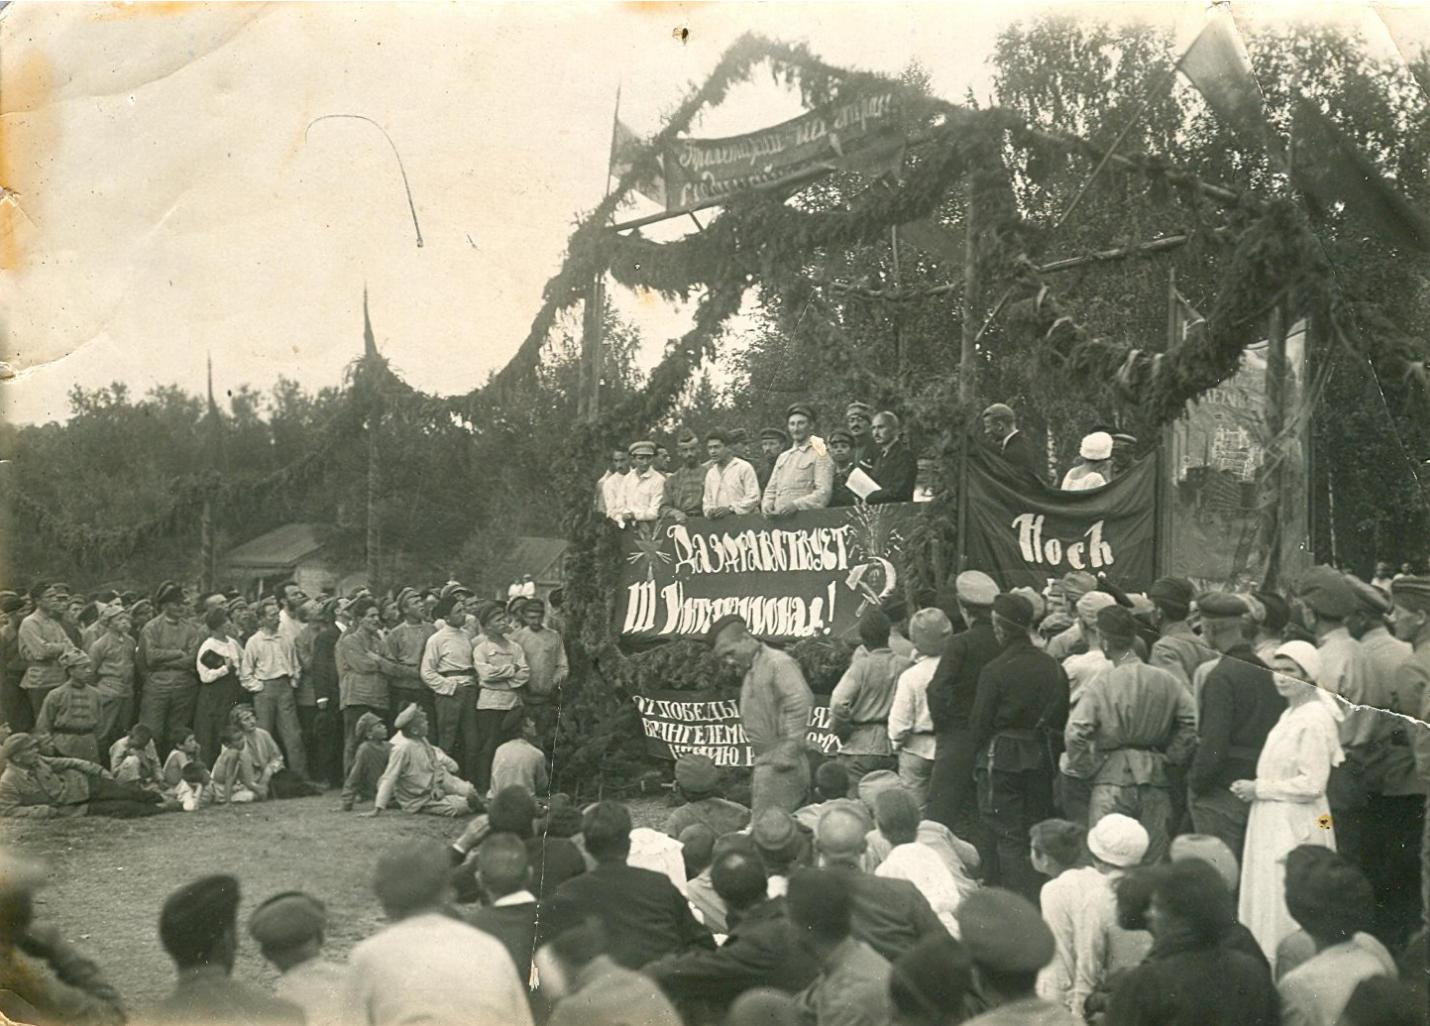 Митинг-концерт на Ходынке в честь III конгресса Коминтерна